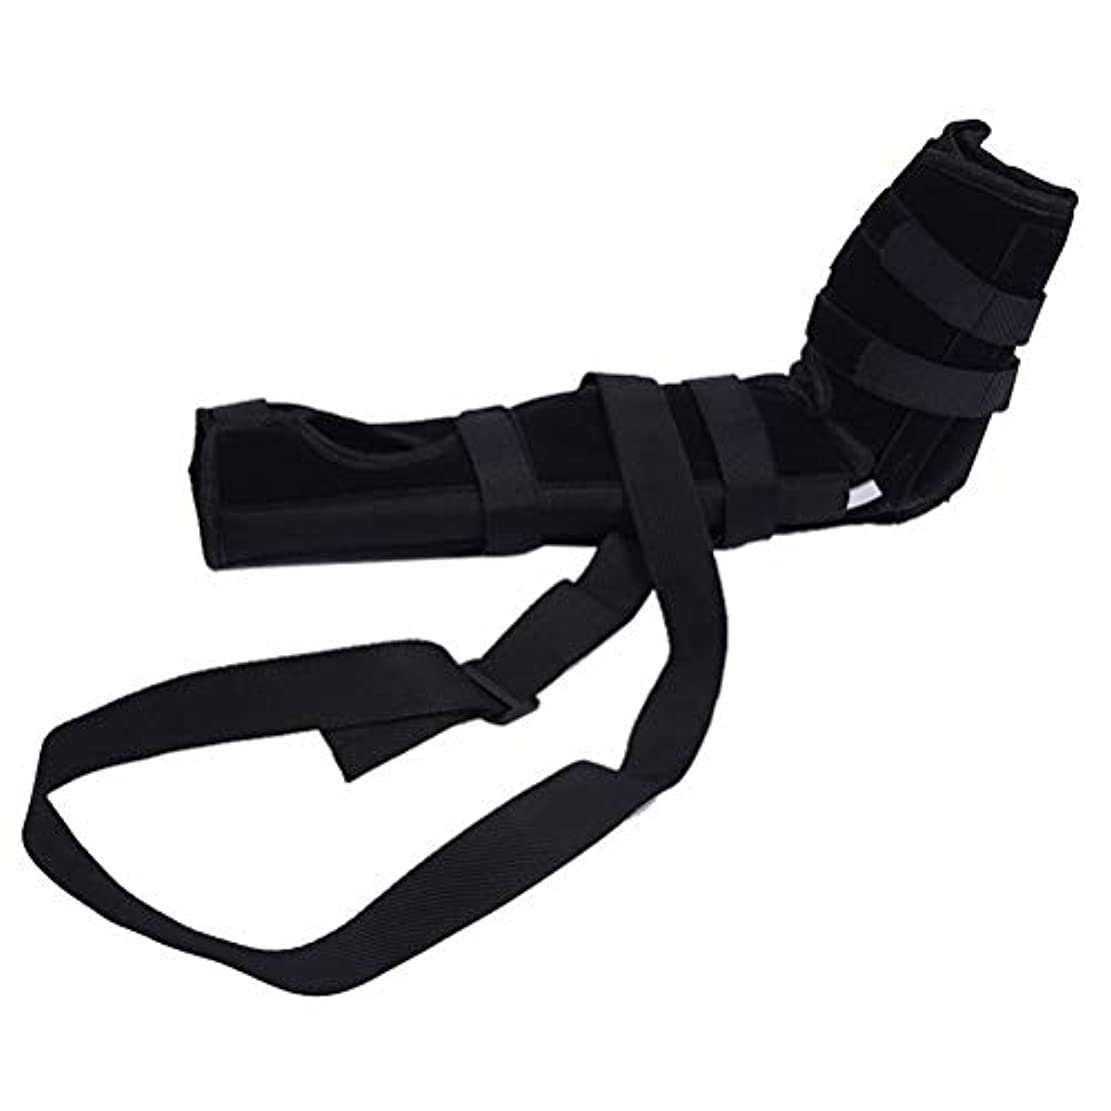 系譜考案するディベートSUPVOX 肘ブレース 関節サポート アームリーダー 保護 固定 腕つり 関節 保護 男女兼用 調節可能 通気性 術後ケアブレース(ブラック サイズS)